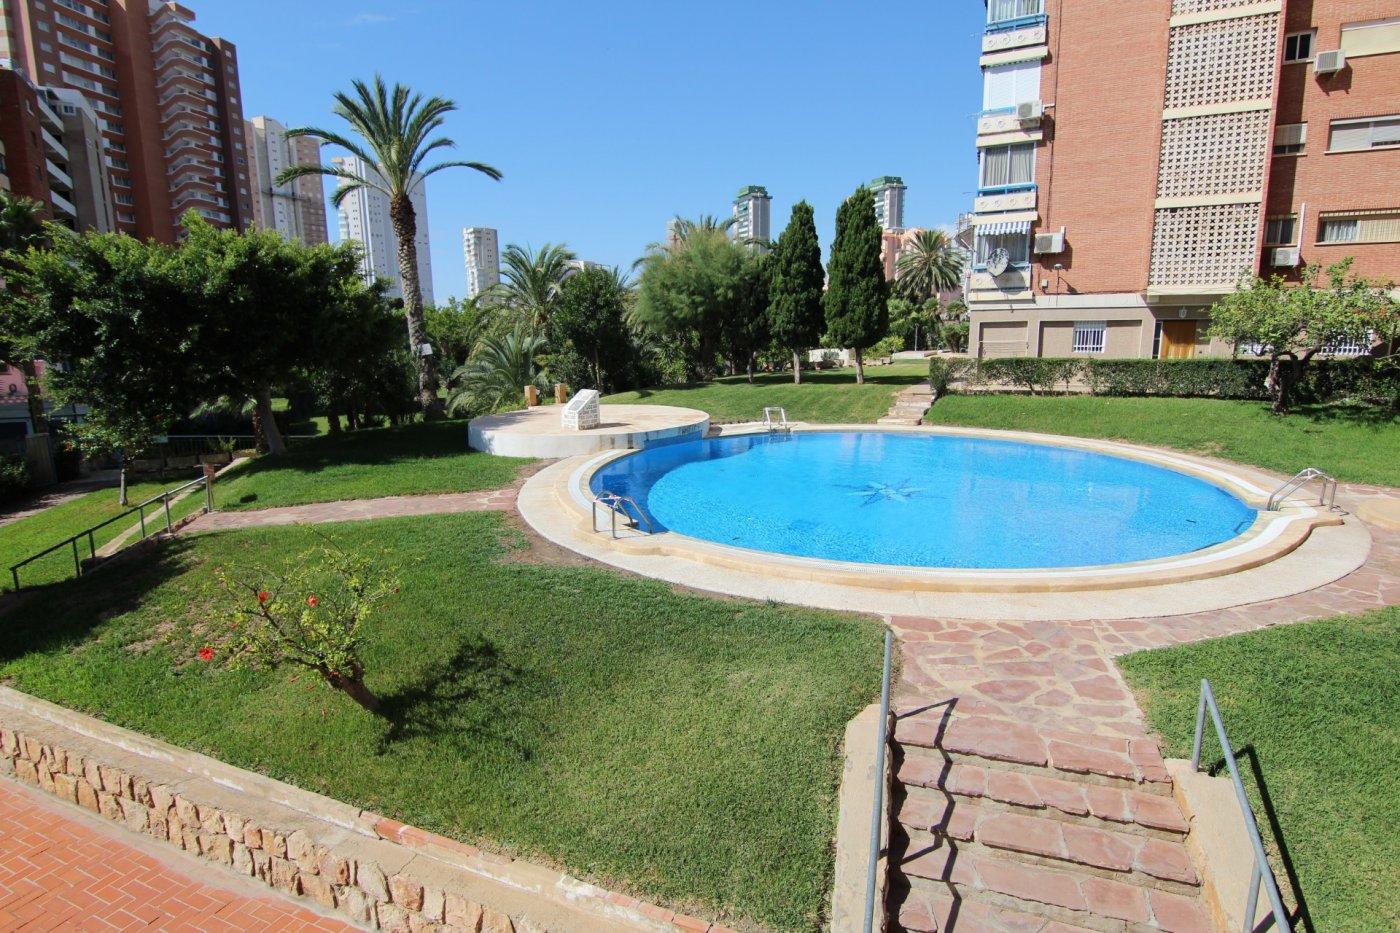 apartamento en benidorm · poniente 127260€